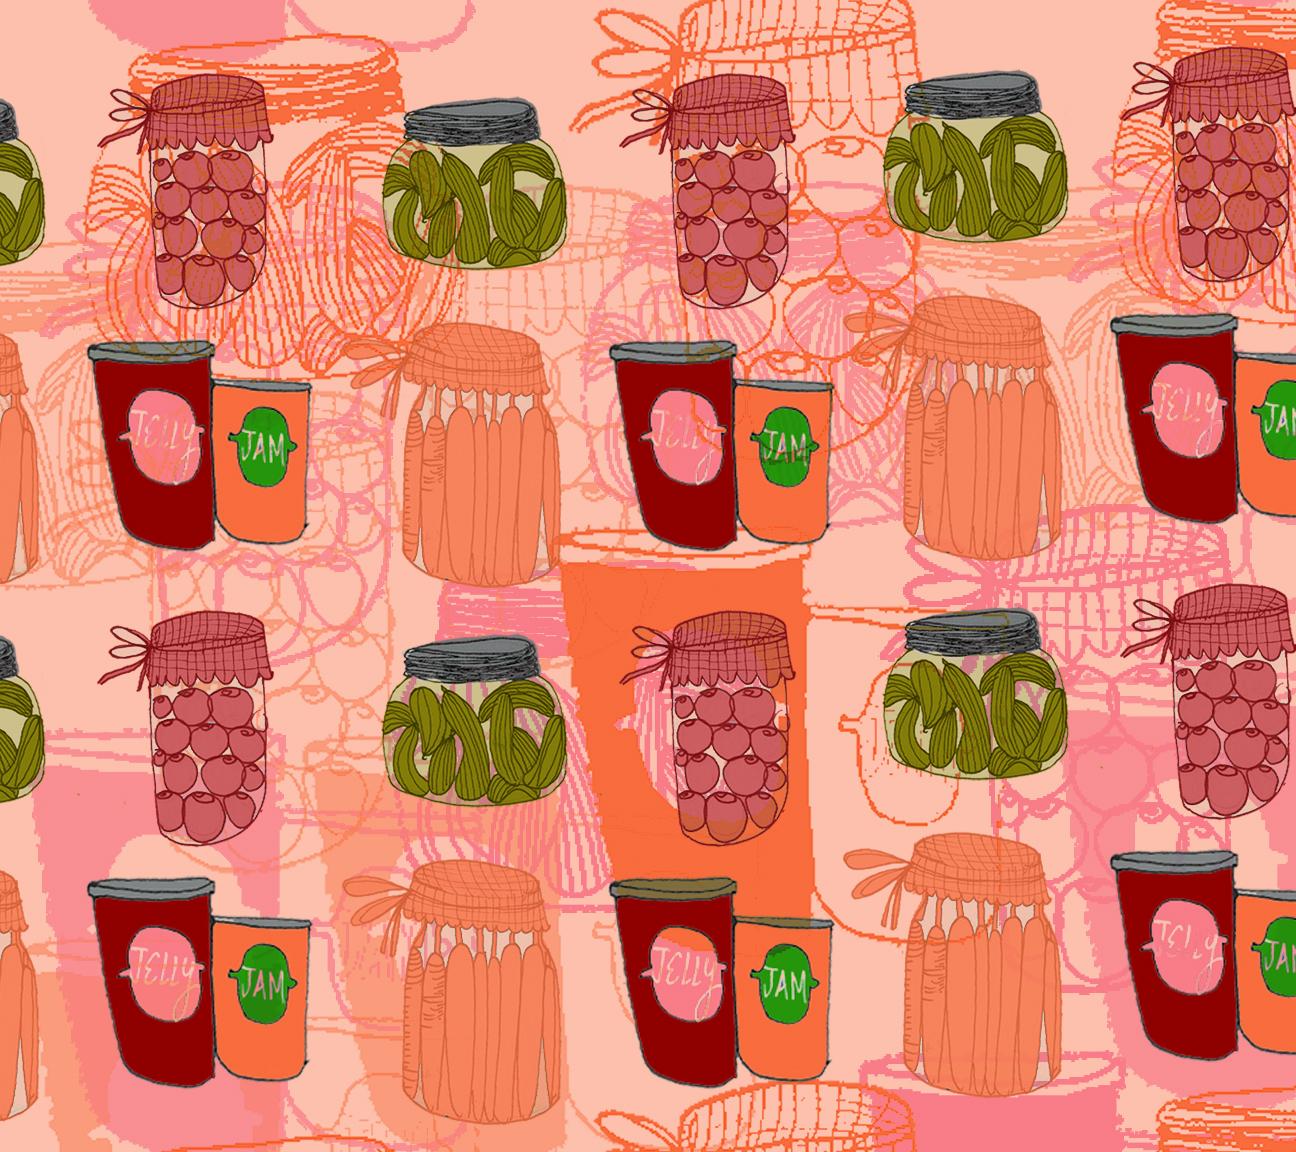 BB_pickles&jam.jpg